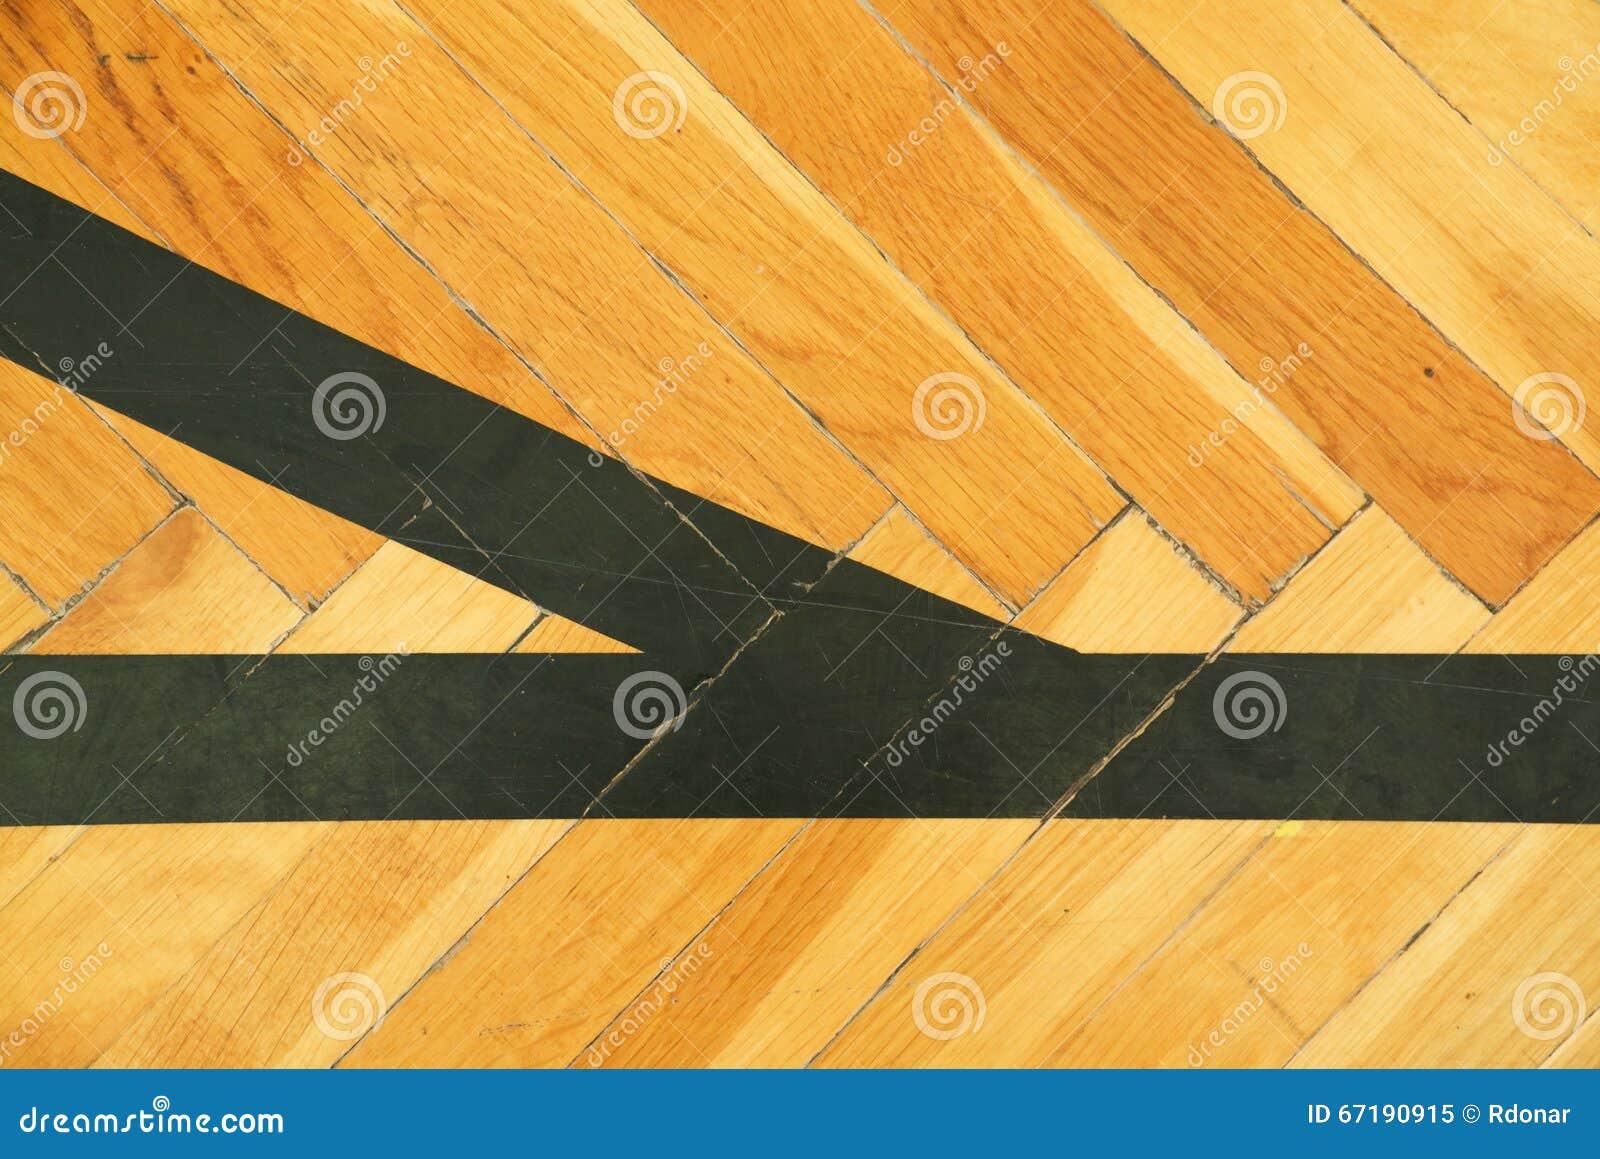 Zwarte lijnen in zaal uitgeputte houten vloer van sporthal met